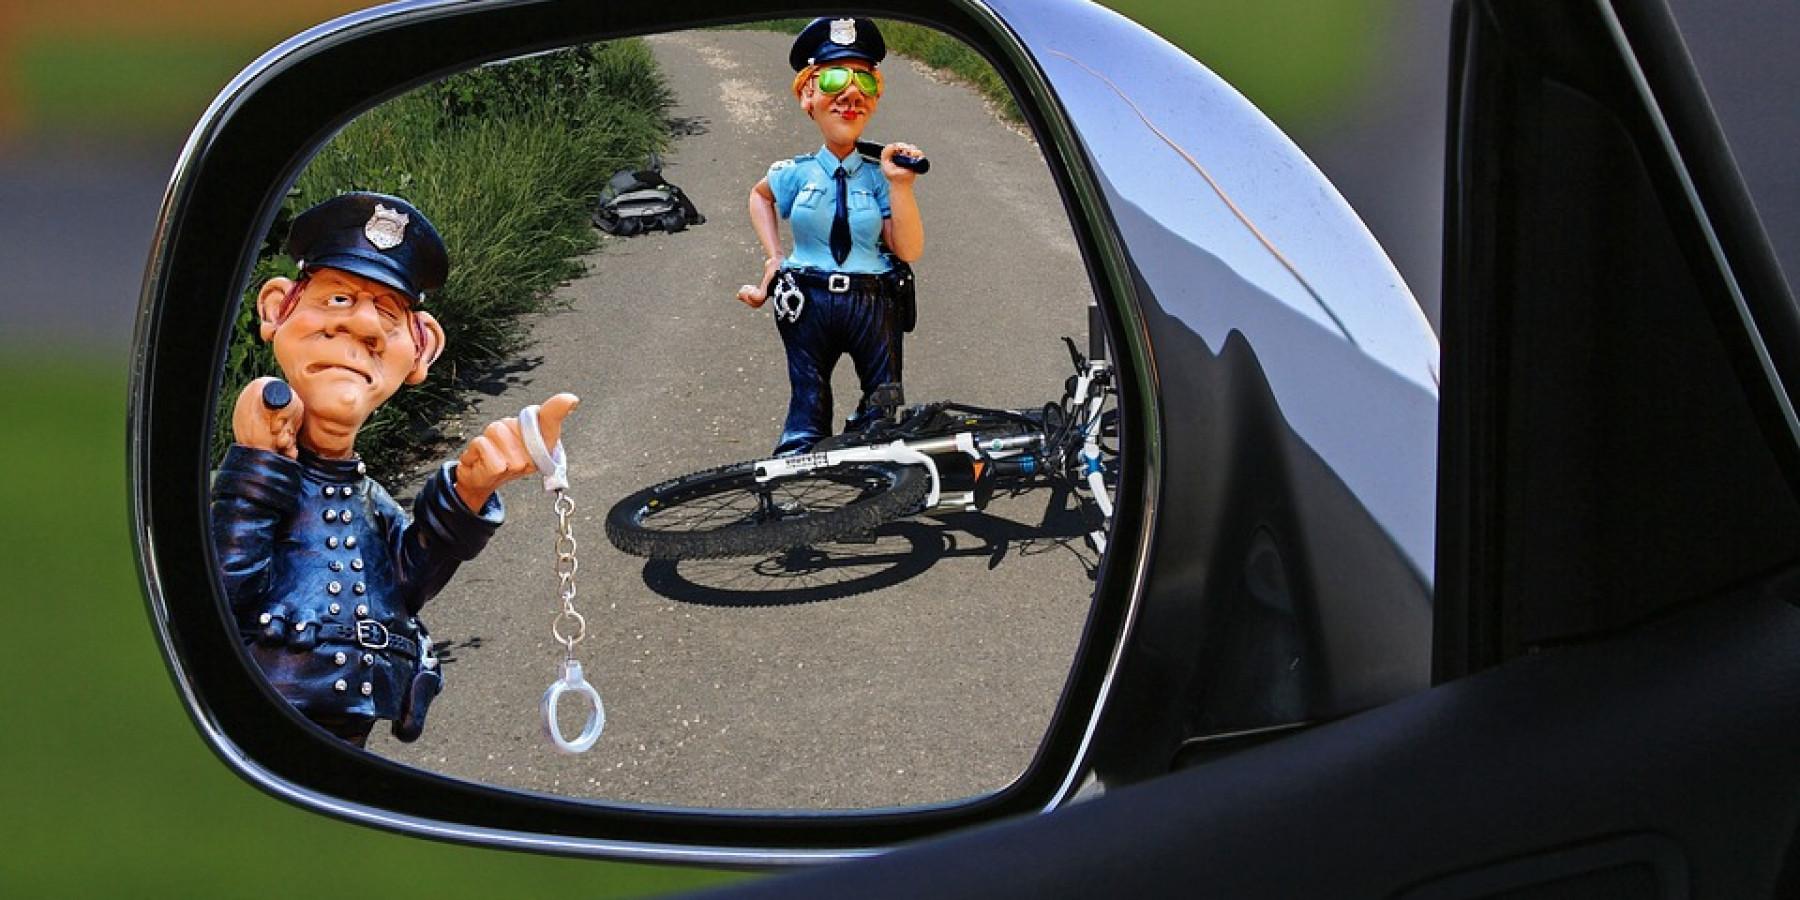 Radfahrer kollidieren beim Abbiegen – 77-jähriger Münsteraner verletzt